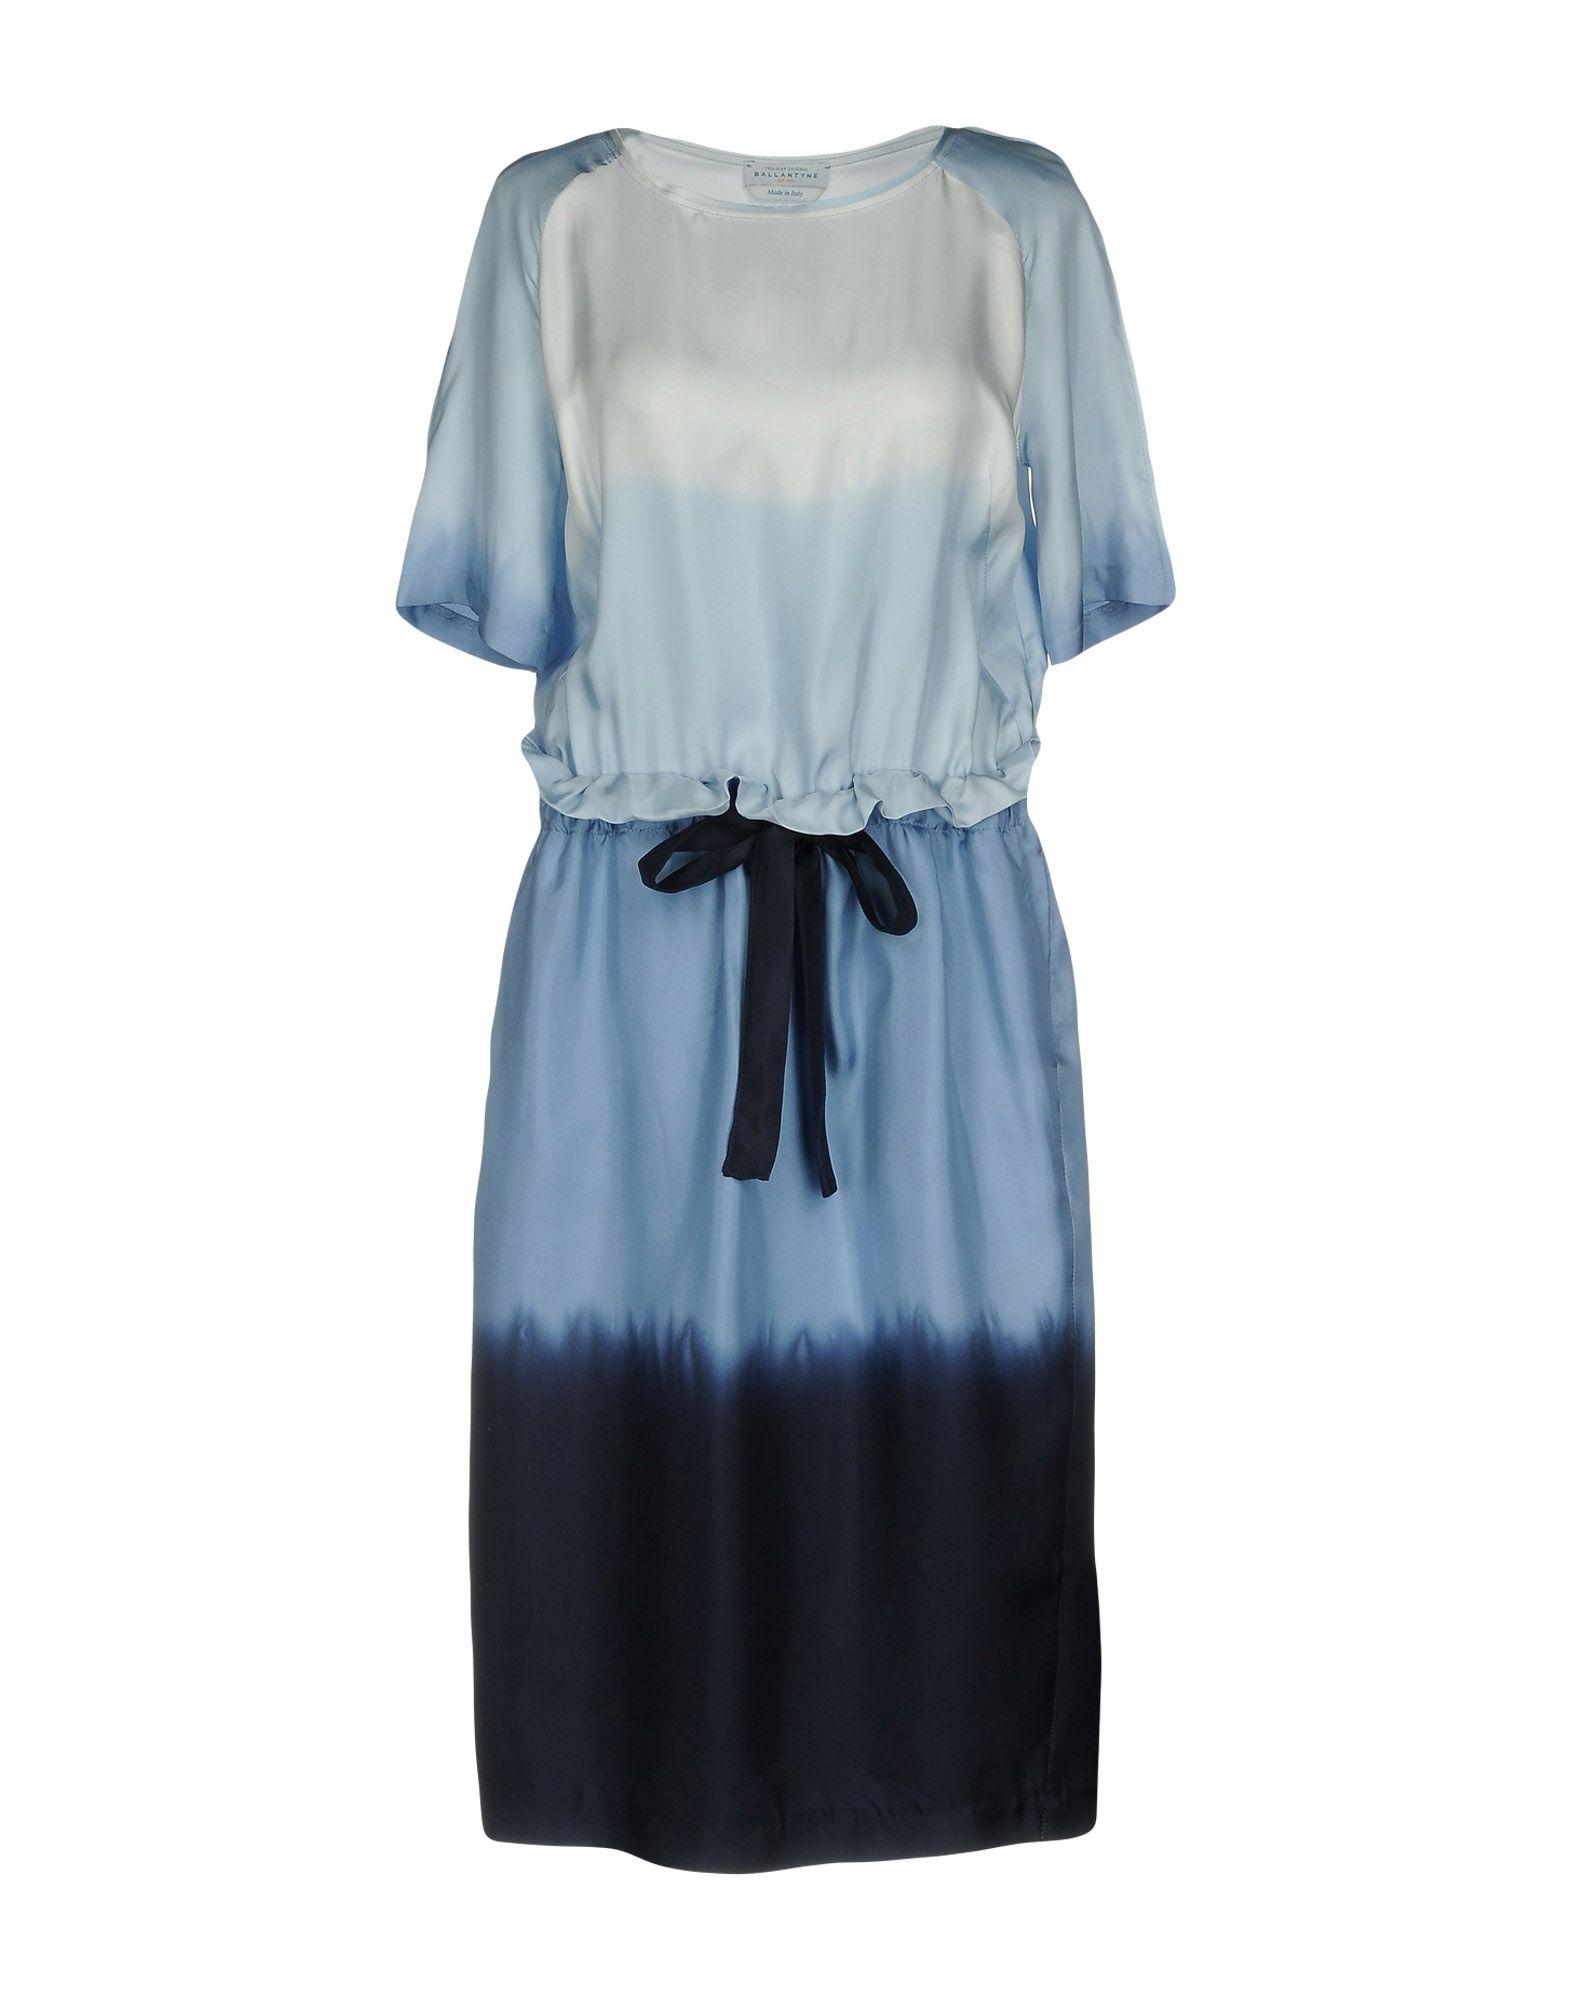 где купить BALLANTYNE Платье до колена по лучшей цене